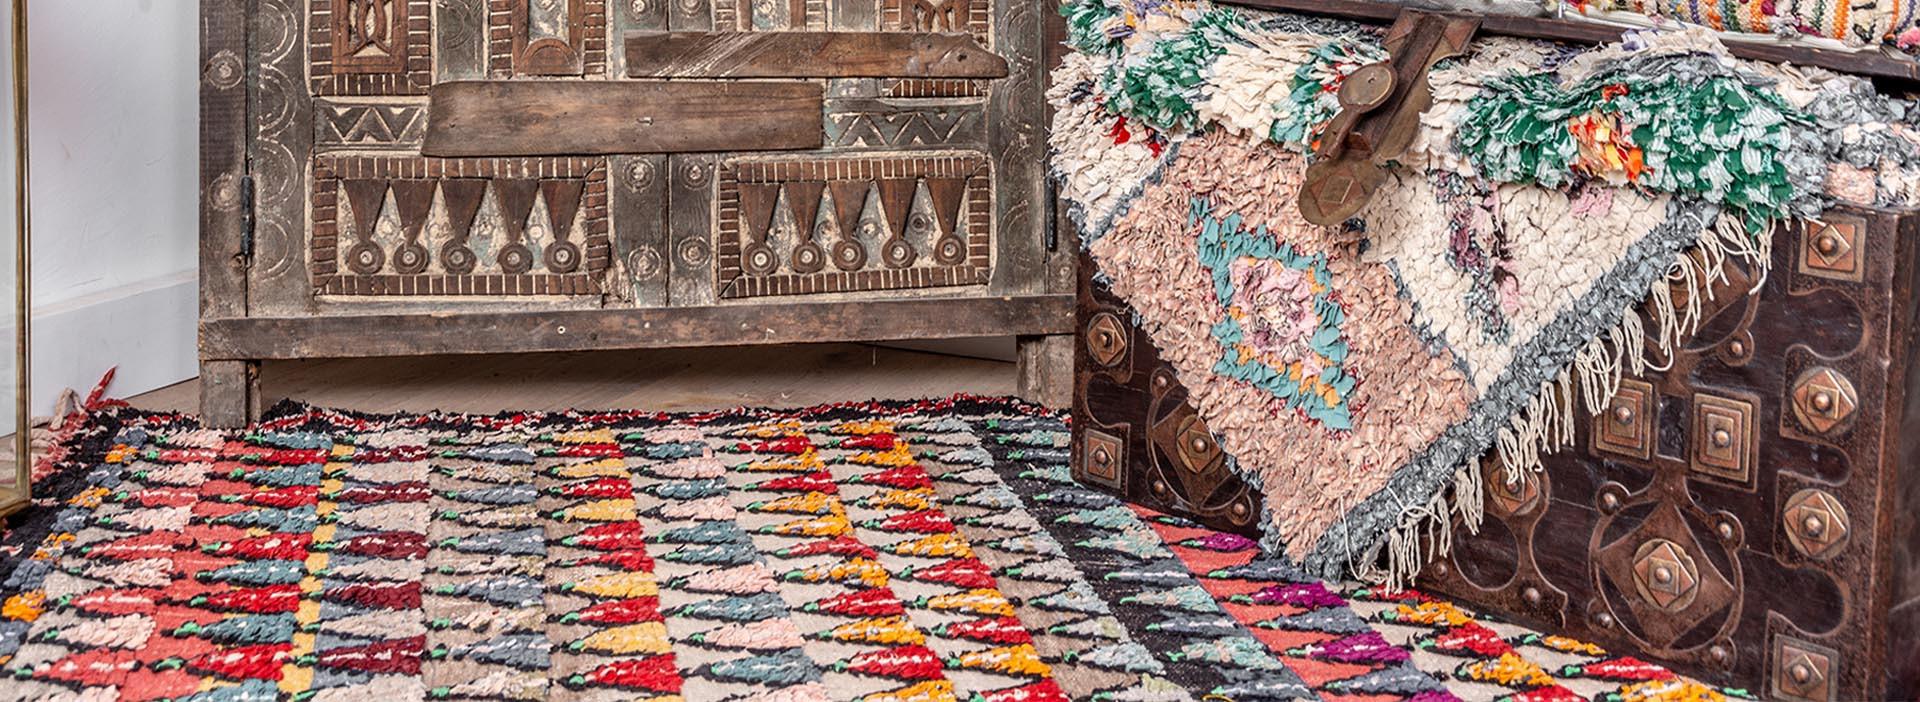 Tapis berbères colorés pour l'été